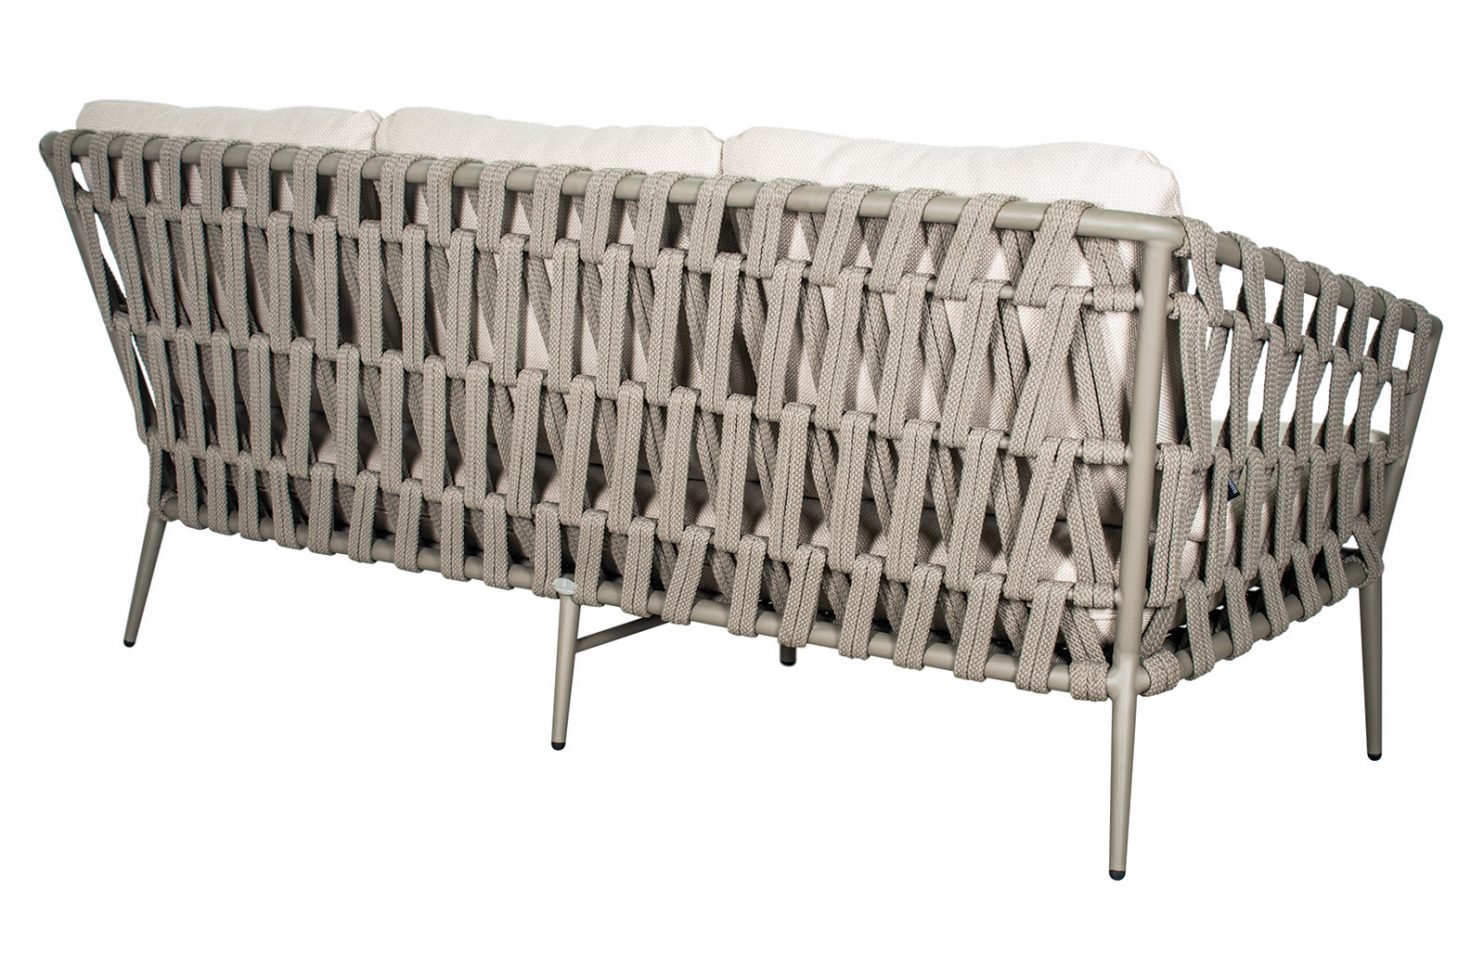 Archipelago andaman sofa 620FT066P2LGT 1 3Q back